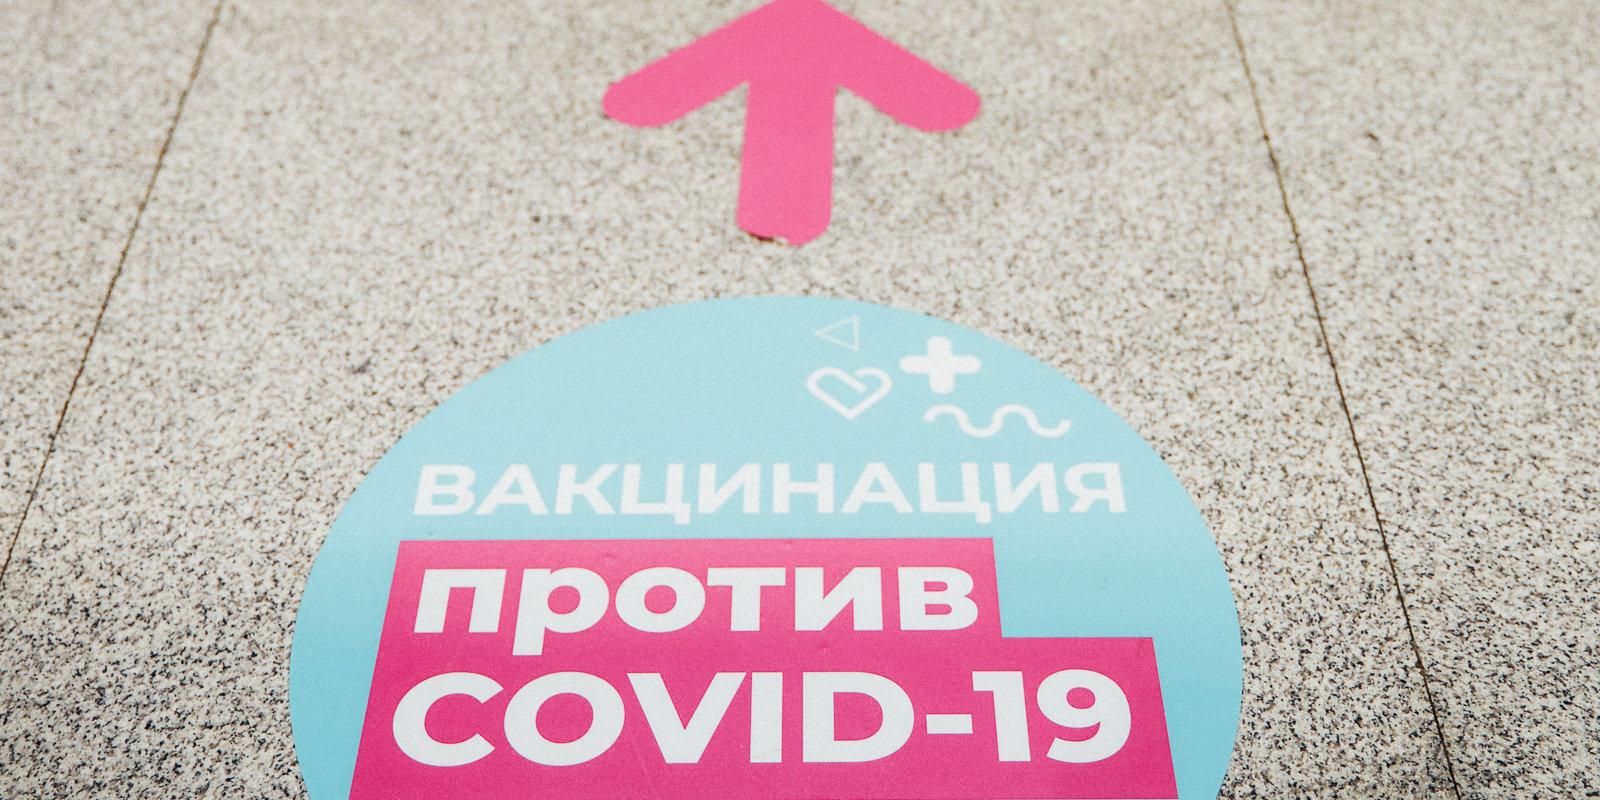 На русском — только по запросу. Что не так с информированием русскоязычных жителей о вакцинации